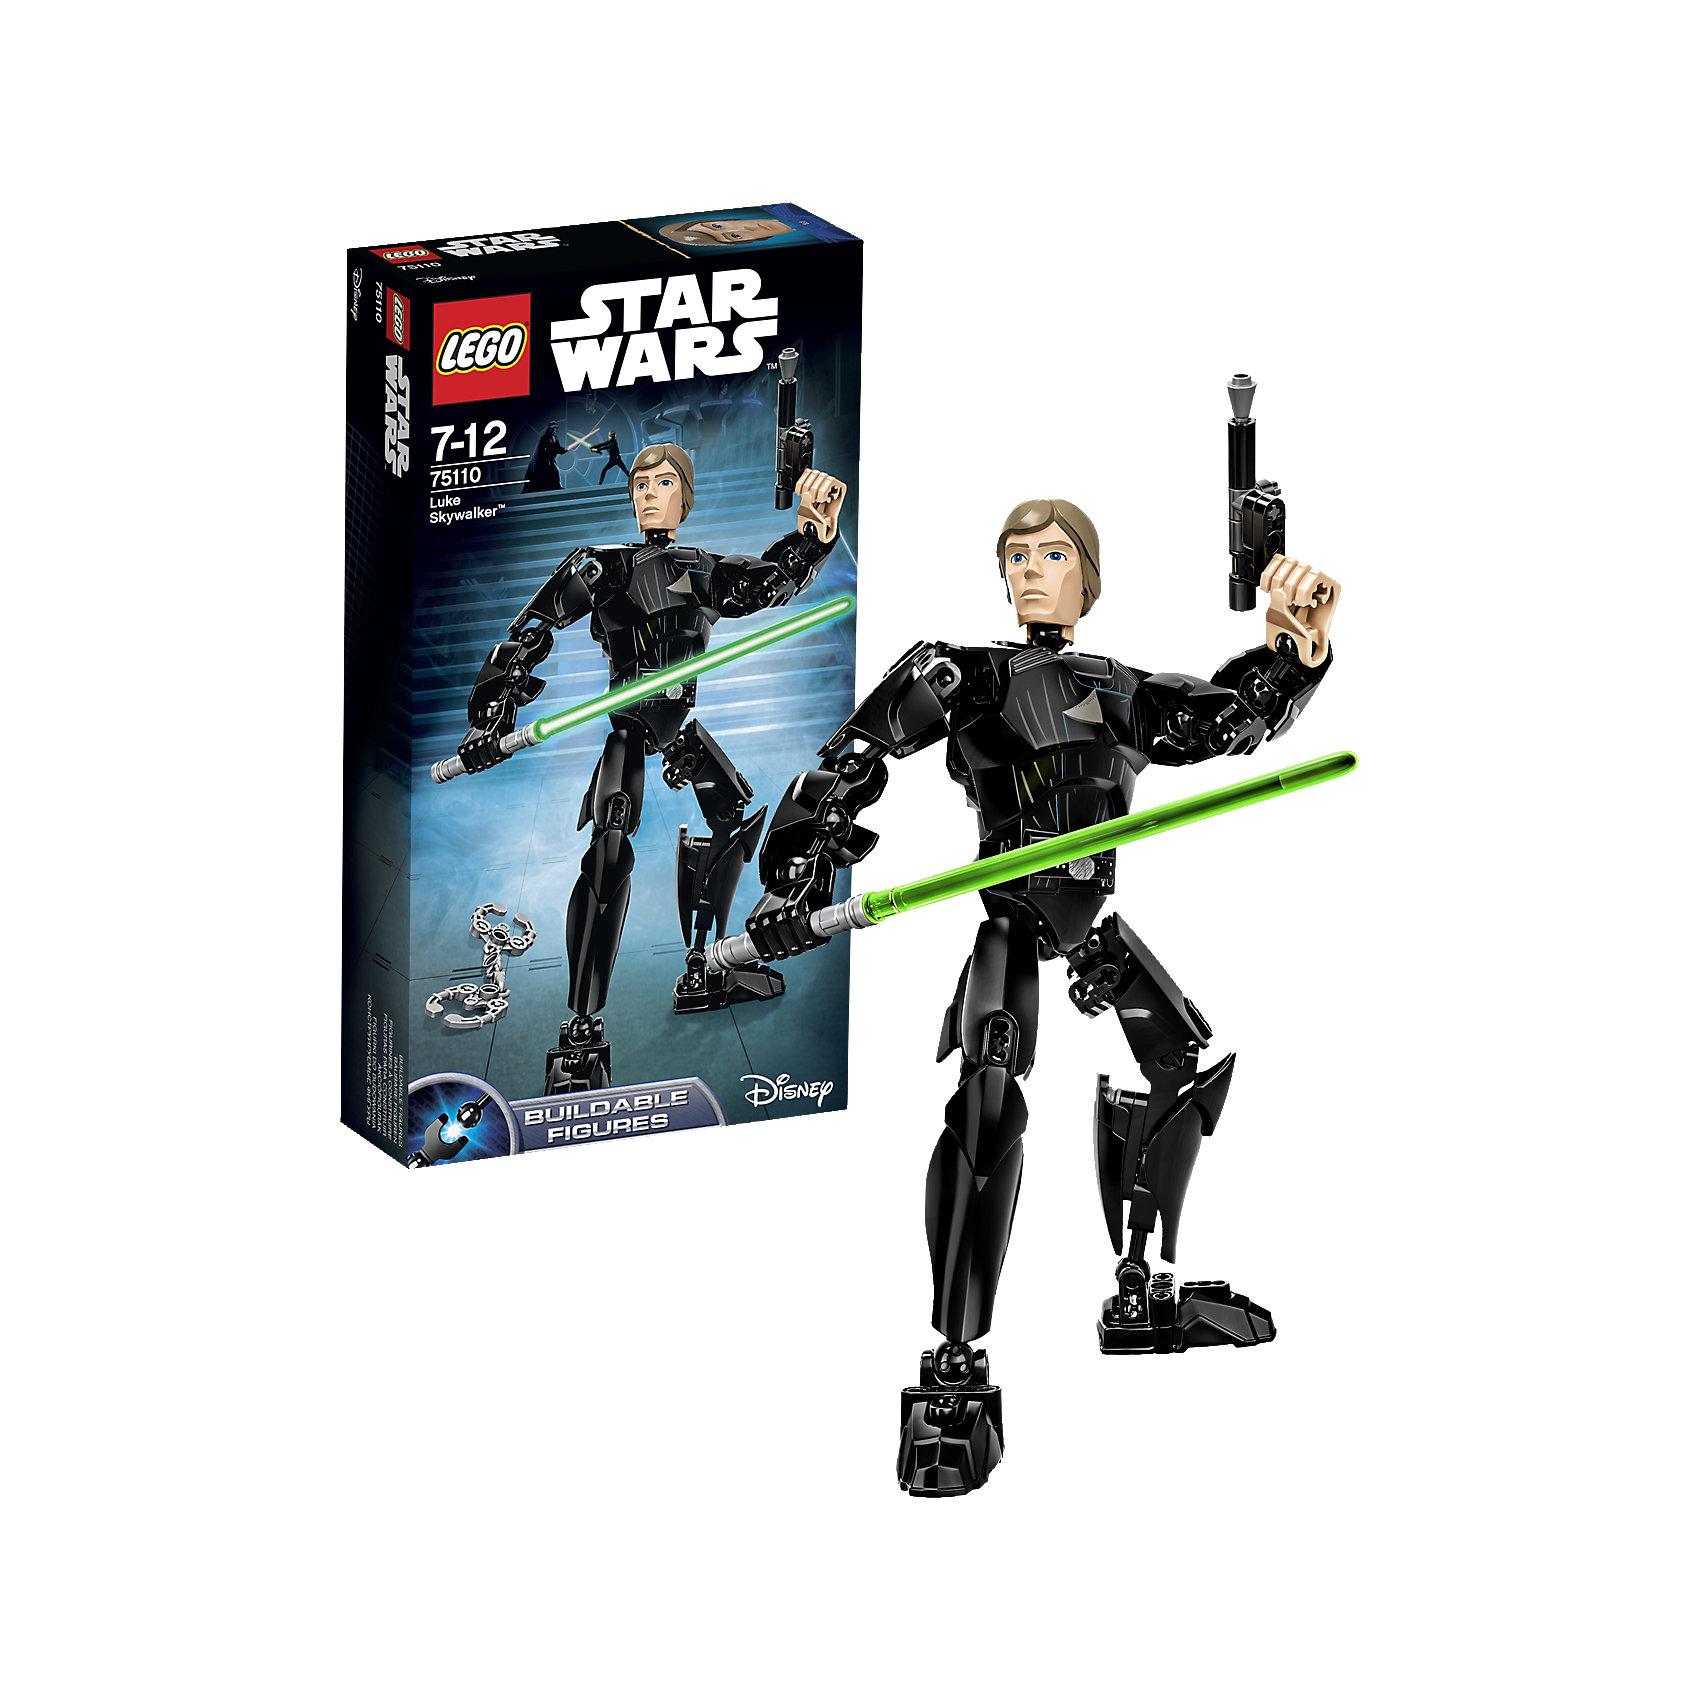 LEGO Star Wars 75110: Люк СкайуокерПластмассовые конструкторы<br>Конструктор LEGO Star Wars (ЛЕГО Звездные войны) 75110: Constraction 4 - это набор с помощью которого Вы с легкостью соберете подвижную фигурку Люка Скайуокера. Фигурка имеет не только игровую, но и коллекционную ценность. Люк Скайуокер один из центральных персонажей великой саги, без него невозможно представить развитие событий. Люк вырос в захолустье и даже не представлял, что он сын избранного Энакина Скайуокера, рожденный для великой миссии - привнести равновесие в Силу. Люк мастерски владеет световым мечом и бластером. Он уничтожил Звезду Смерти и стал прославленным героем Восстания. Собери все фигурки и разыграй знаменитые сцены из саги или почувствуй себя сценаристом и создай собственную историю знаменитого эпизода! Подключайте фантазию и Вам никогда не будет скучно в компании LEGO (ЛЕГО)! <br><br>LEGO Star Wars (ЛЕГО Звездные войны) – это тематическая серия детских развивающих конструкторов по мотивам приключенческого мультфильма 2014 года «Звездные войны: Повстанцы». Ребенок сможет часами играть с конструктором, придумывая различные ситуации и истории из любимого мультфильма. В процессе игры с конструктором дети приобретают и постигают такие необходимые навыки как познание, творчество, воображение. Большое количество дополнительных элементов делает игровые сюжеты по-настоящему захватывающими и реалистичными. Все наборы ЛЕГО Звездные Войны соответствуют самым высоким европейским стандартам качества и абсолютно безопасны.<br><br>Дополнительная информация:<br><br>- Игра с конструктором  LEGO (ЛЕГО) развивает мелкую моторику ребенка, фантазию и воображение, учит его усидчивости и внимательности;<br>- Подвижная фигурка с оружием;<br>- Серия: LEGO Star Wars (ЛЕГО Звездные войны);<br>- Материал: высококачественный пластик.<br><br>Конструктор LEGO Star Wars (ЛЕГО Звездные войны) 75110: Constraction 4 можно купить в нашем интернет-магазине.<br><br>Ширина мм: 262<br>Глубина мм: 141<br>Высота мм: 54<br>В